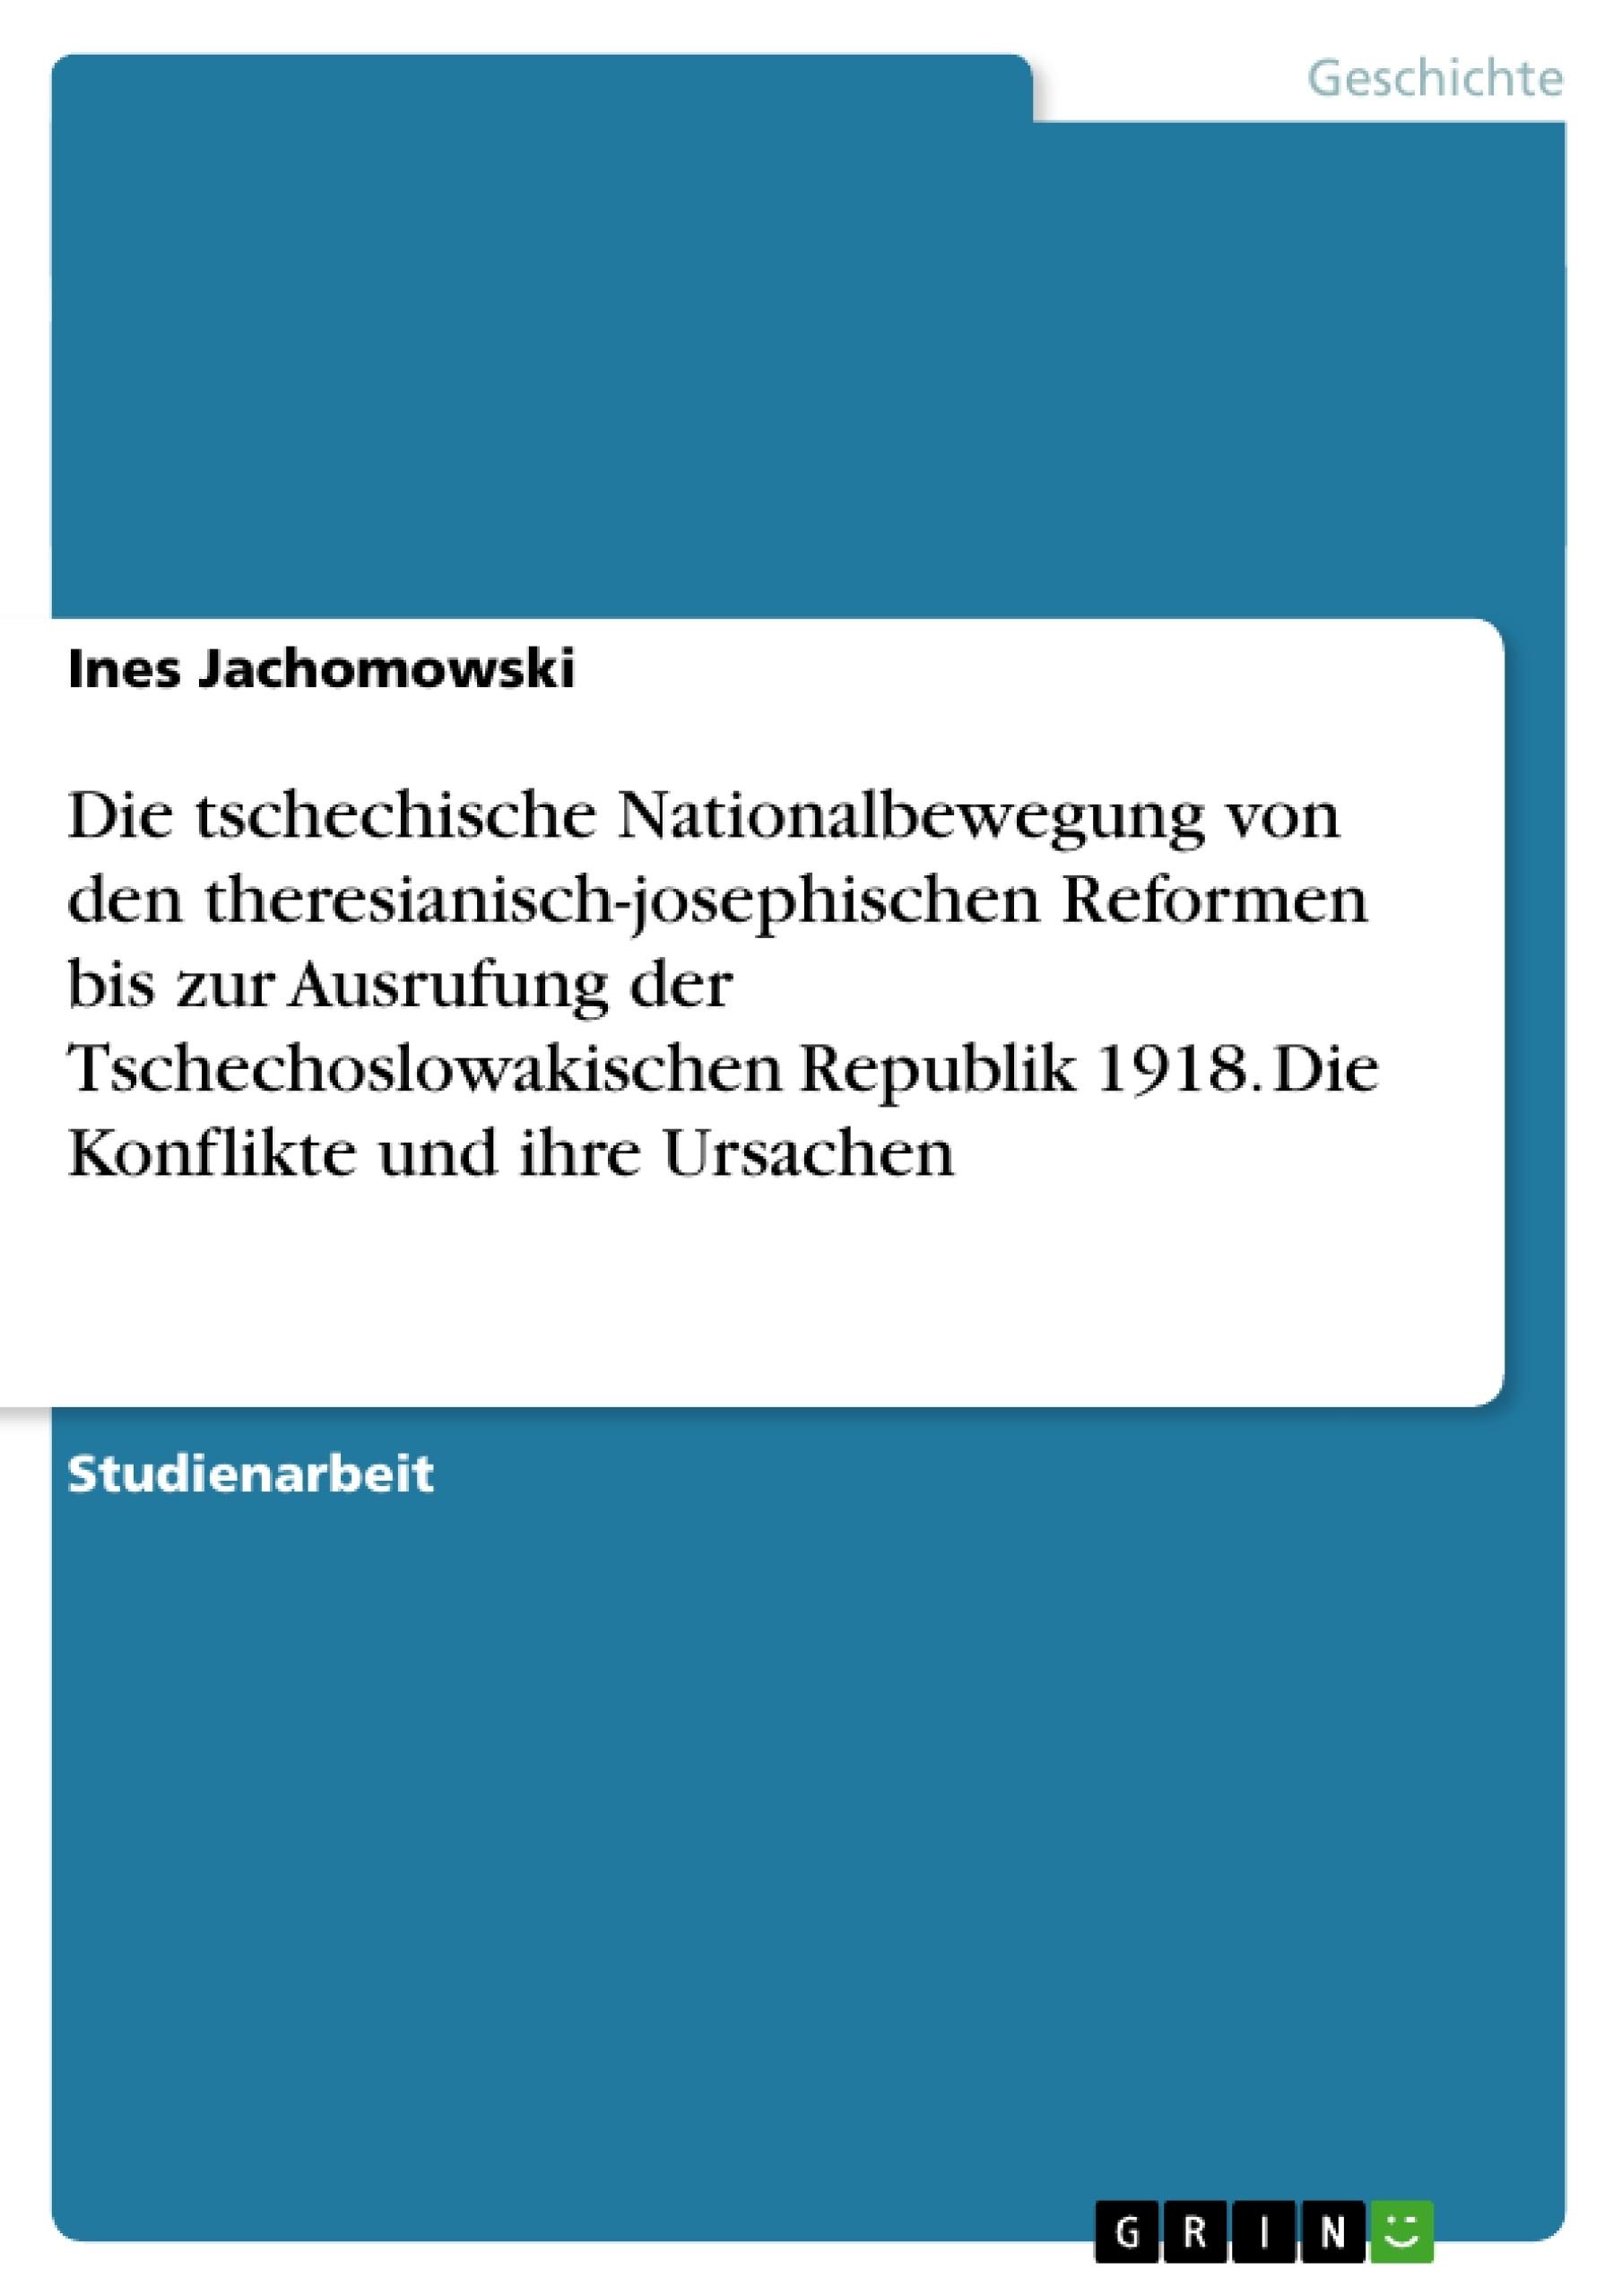 Titel: Die tschechische Nationalbewegung von den theresianisch-josephischen Reformen bis zur Ausrufung der Tschechoslowakischen Republik 1918. Die Konflikte und ihre Ursachen